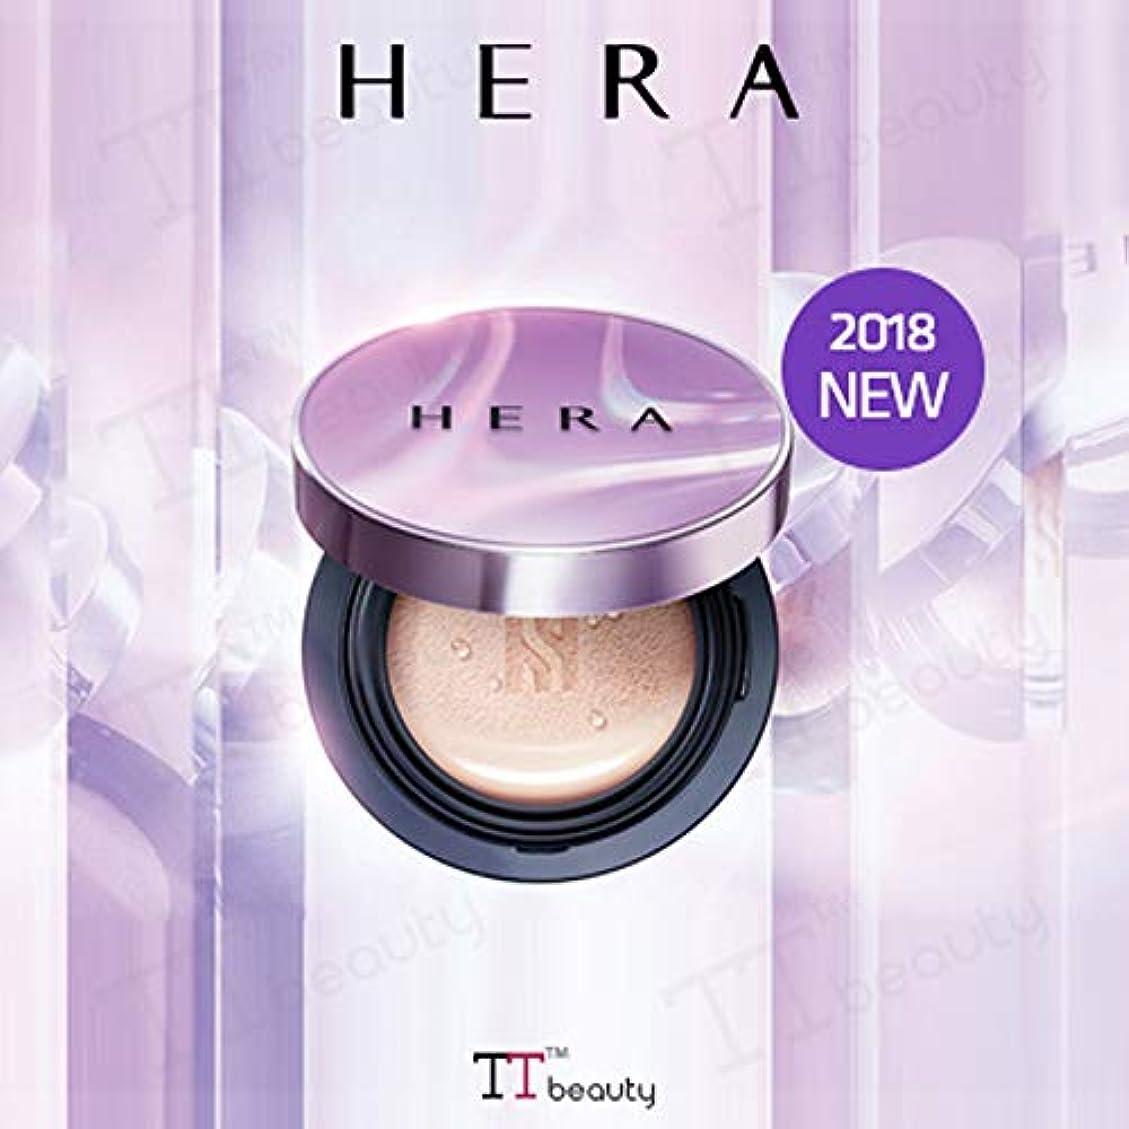 フローティング作曲家争い[HERA/ヘラ]UVミストクッションカバー(15gx2)/UV MIST CUSHION COVER SPF50+/PA+++[2018新発売][TTBEAUTY][韓国コスメ] (No.C13-Ivory cover)